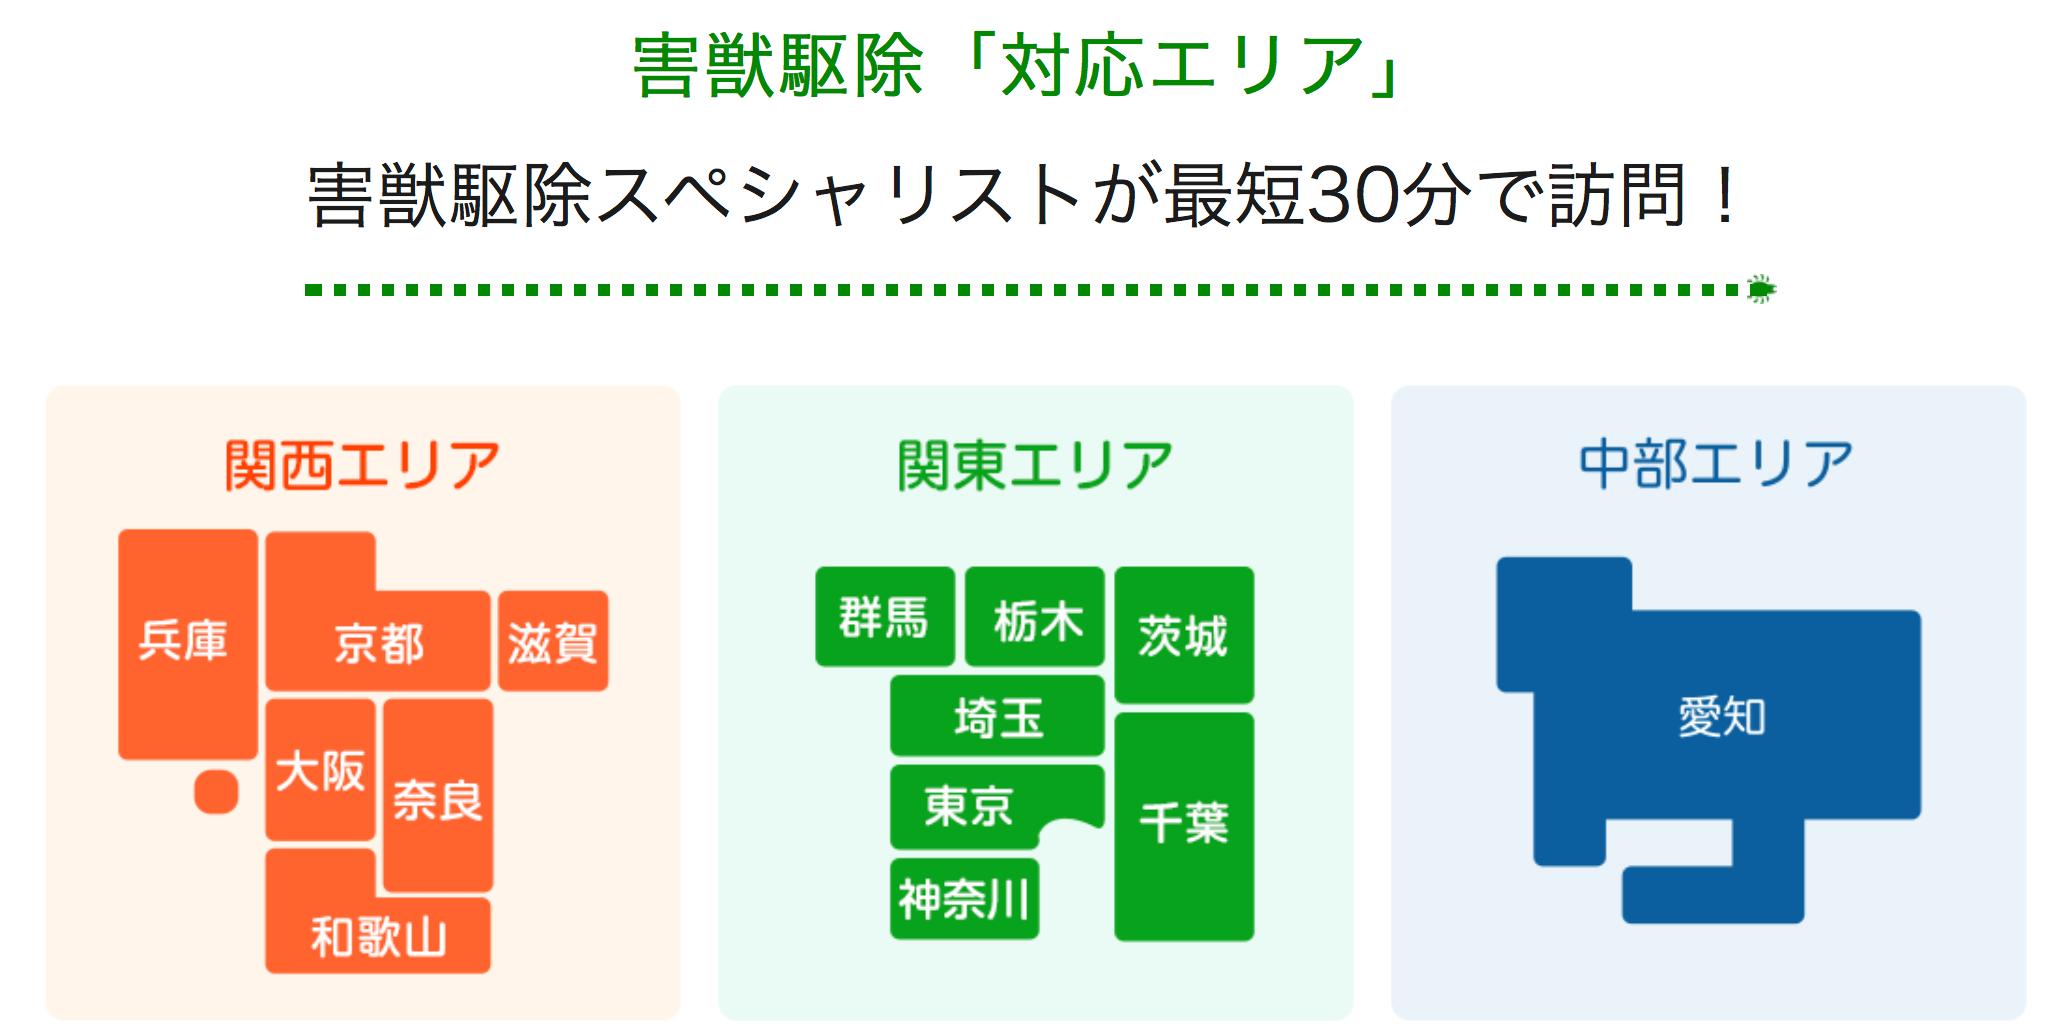 大阪を中心に東京や埼玉、名古屋も対象エリア